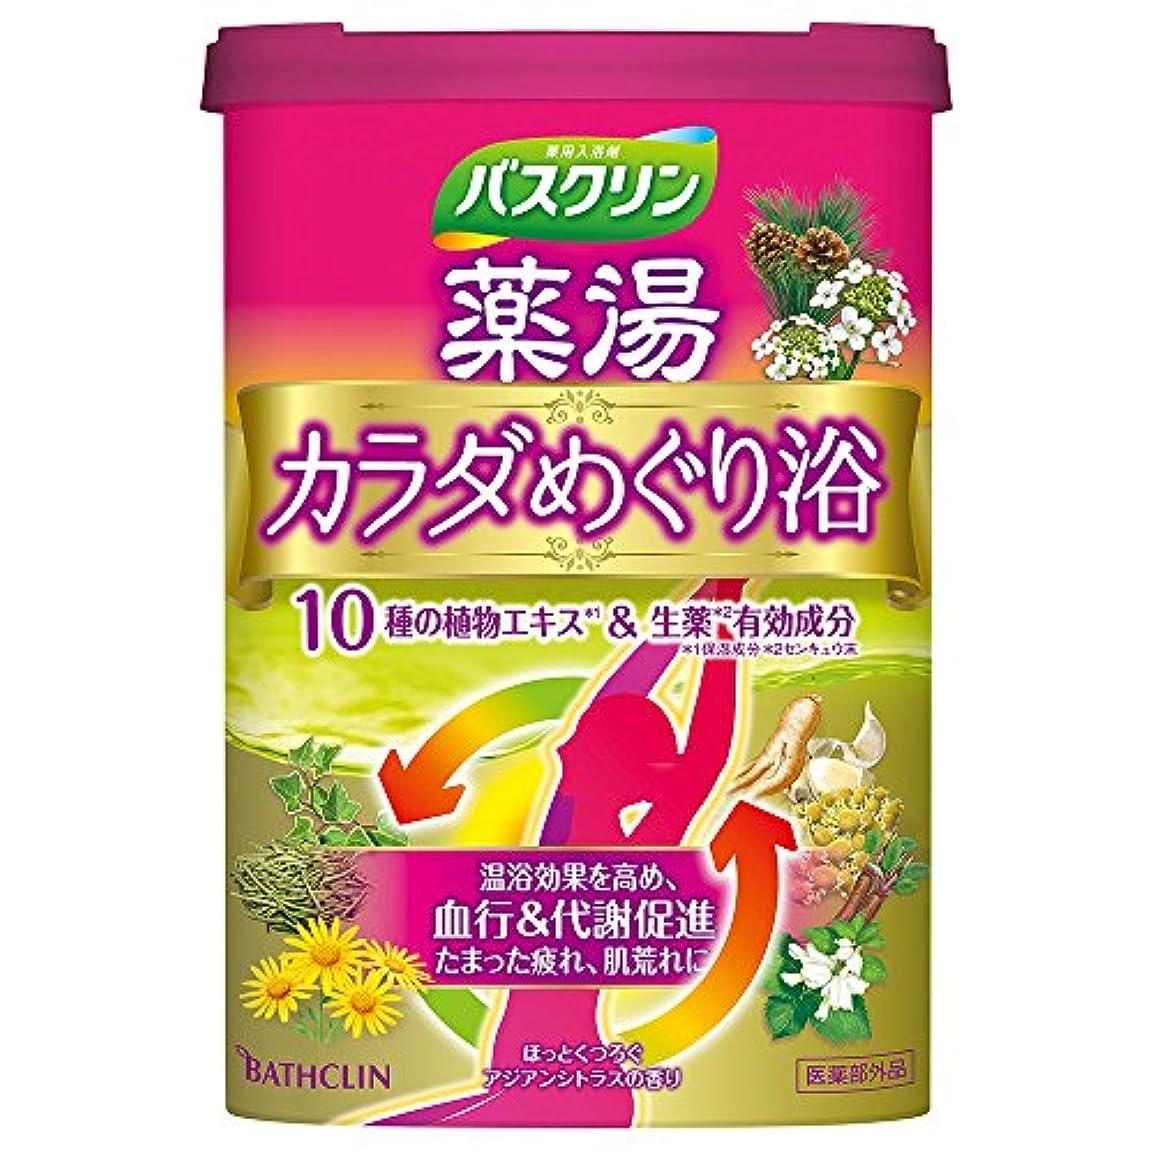 忌み嫌う多様性葉を集めるバスクリン薬湯 カラダめぐり浴 ほっとくつろぐアジアンシトラスの香り 600g 入浴剤 (医薬部外品)